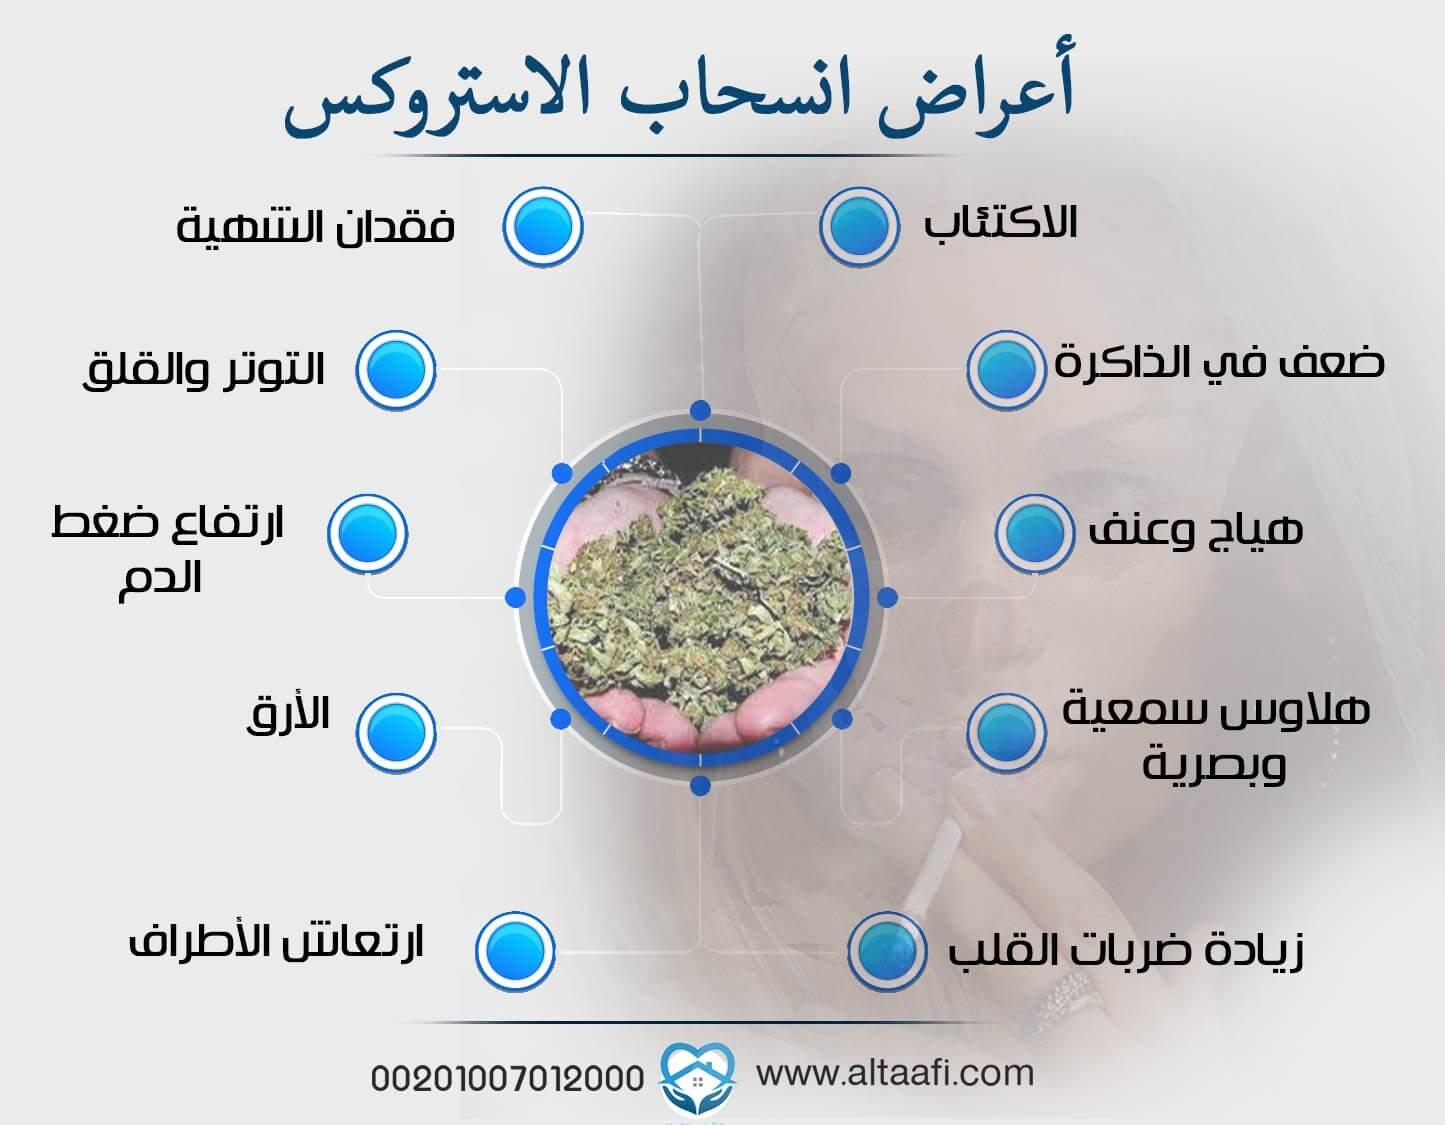 أعراض-انسحاب-الاستروكس-و (1)